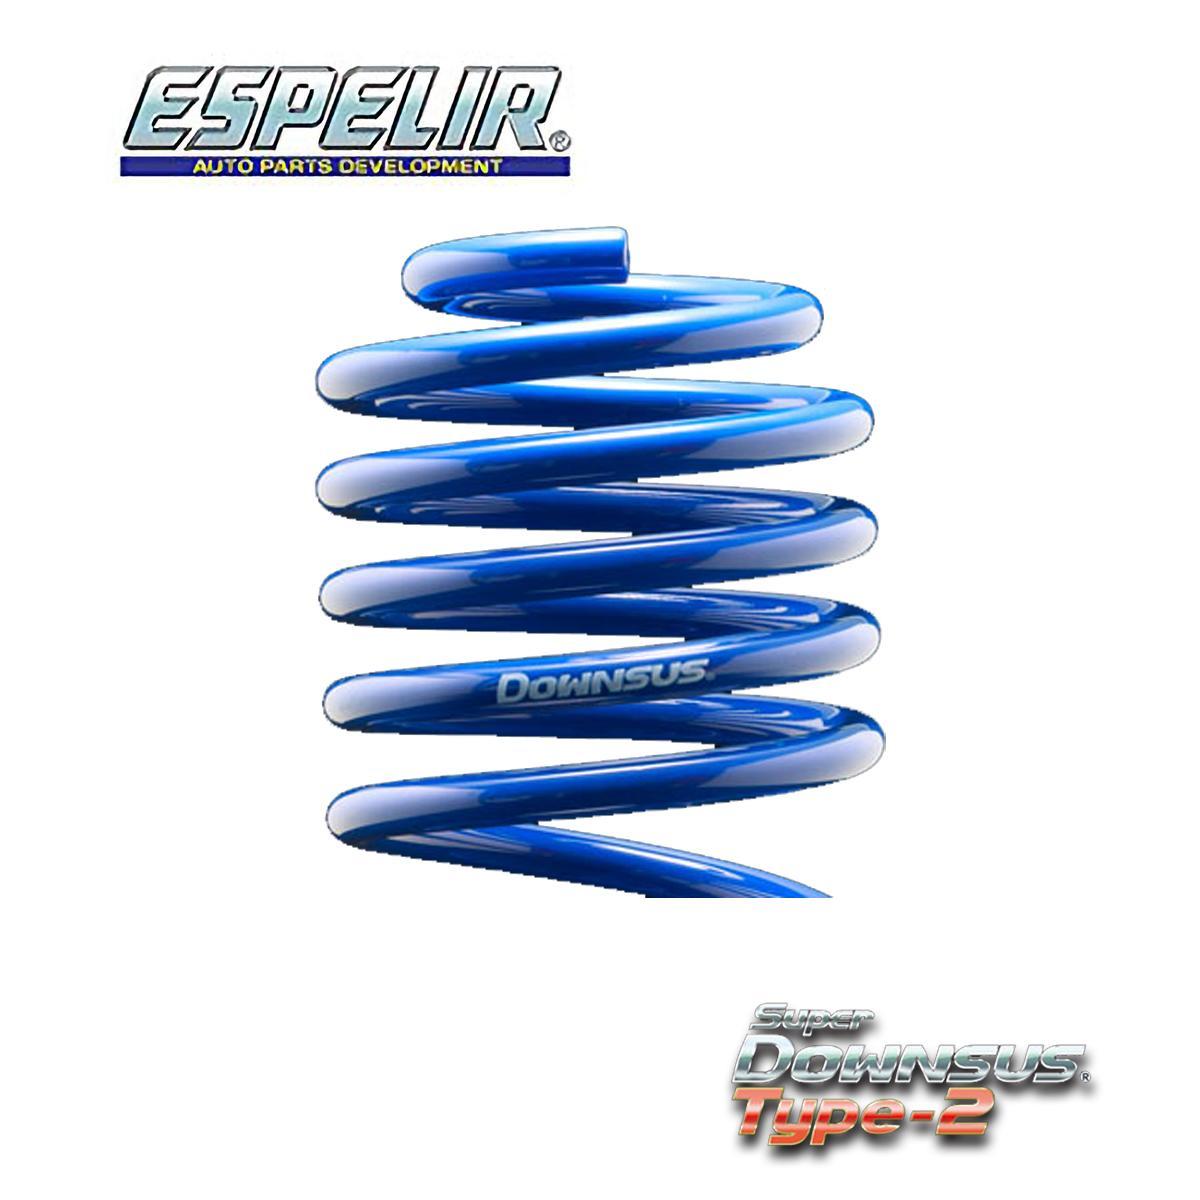 エスペリア ウィッシュ ZNE10G X スプリング ダウンサス 1台分 EST-2584 スーパーダウンサス タイプ2 Super DOWNSUS Type-2 ESPELIR